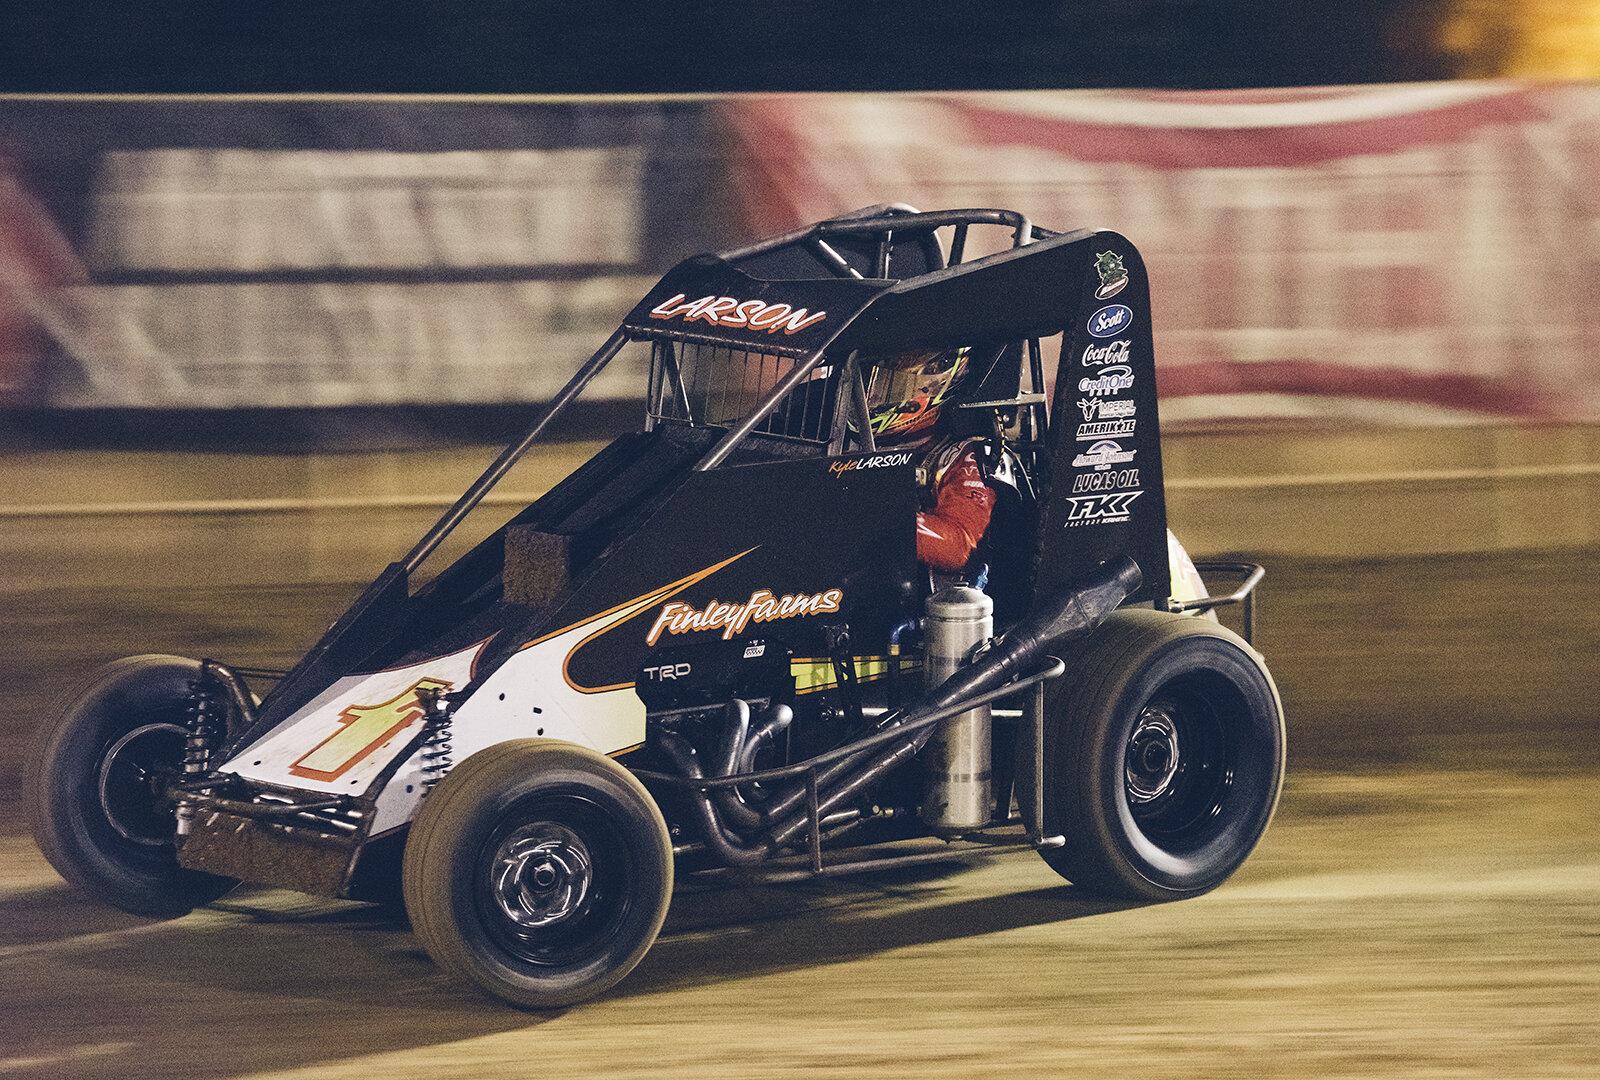 Larson races the new midget at Placerville.